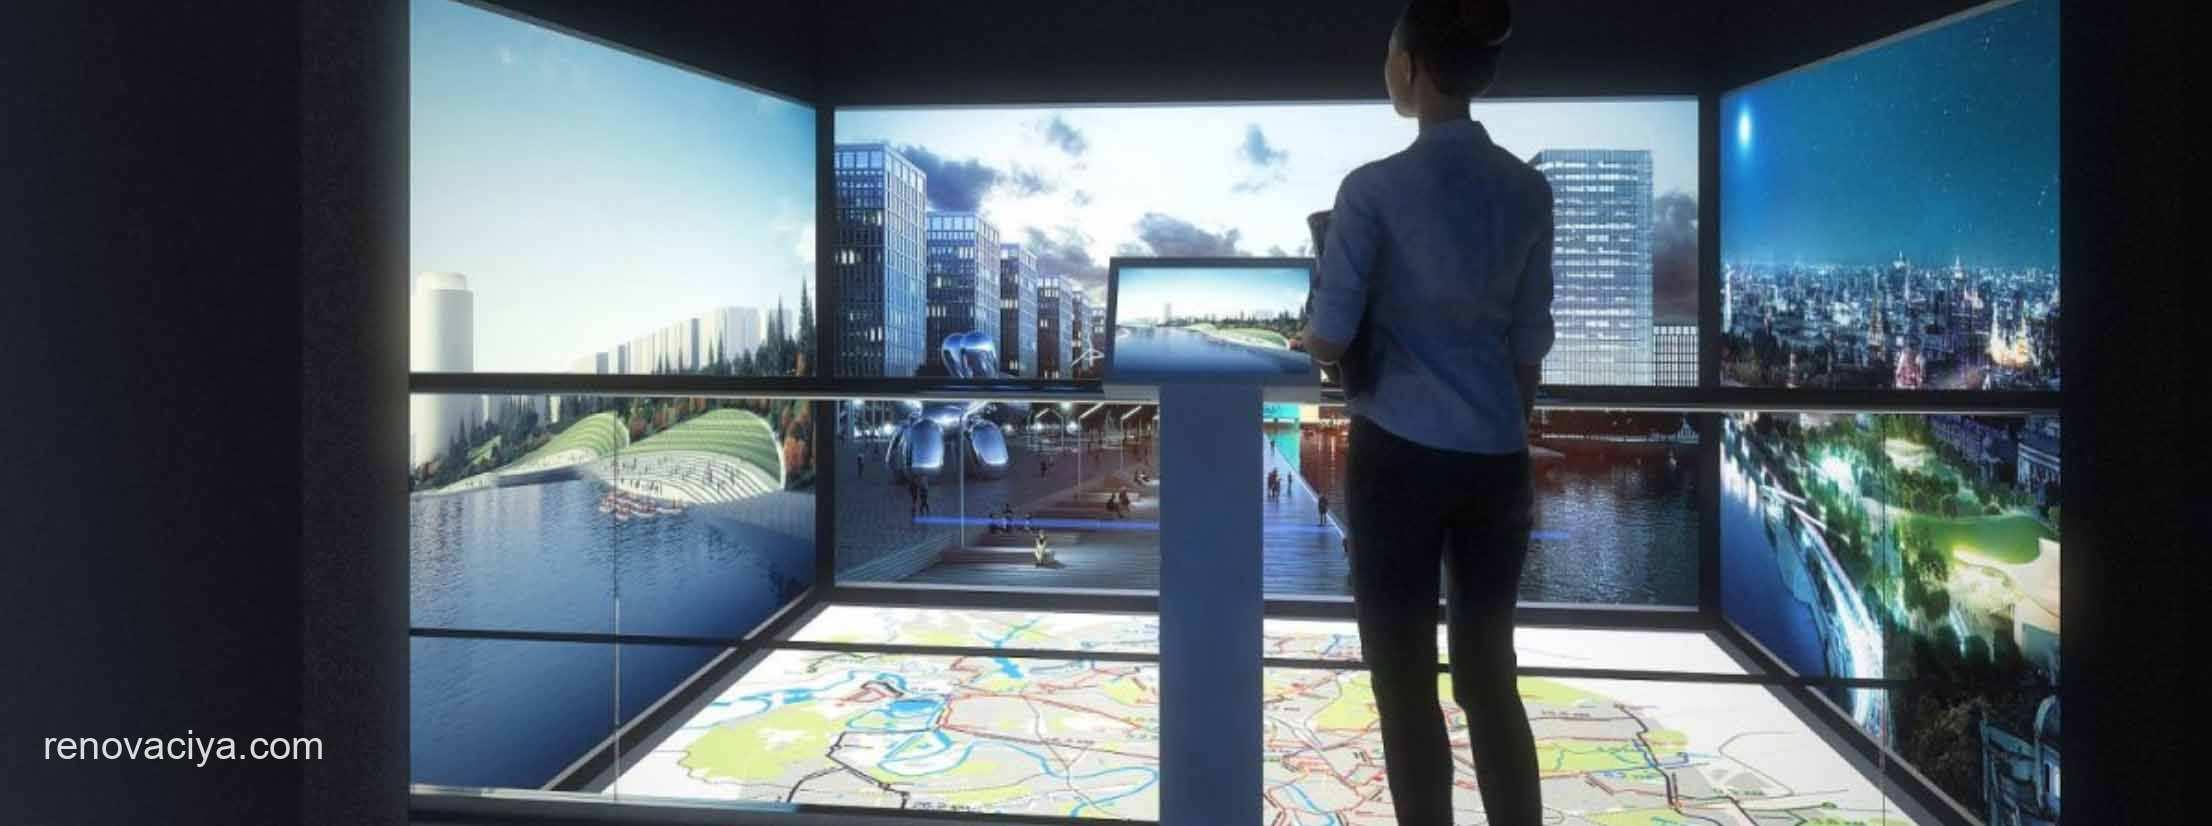 На стенде Правительства представлен обновленный мультимедийный комплекс